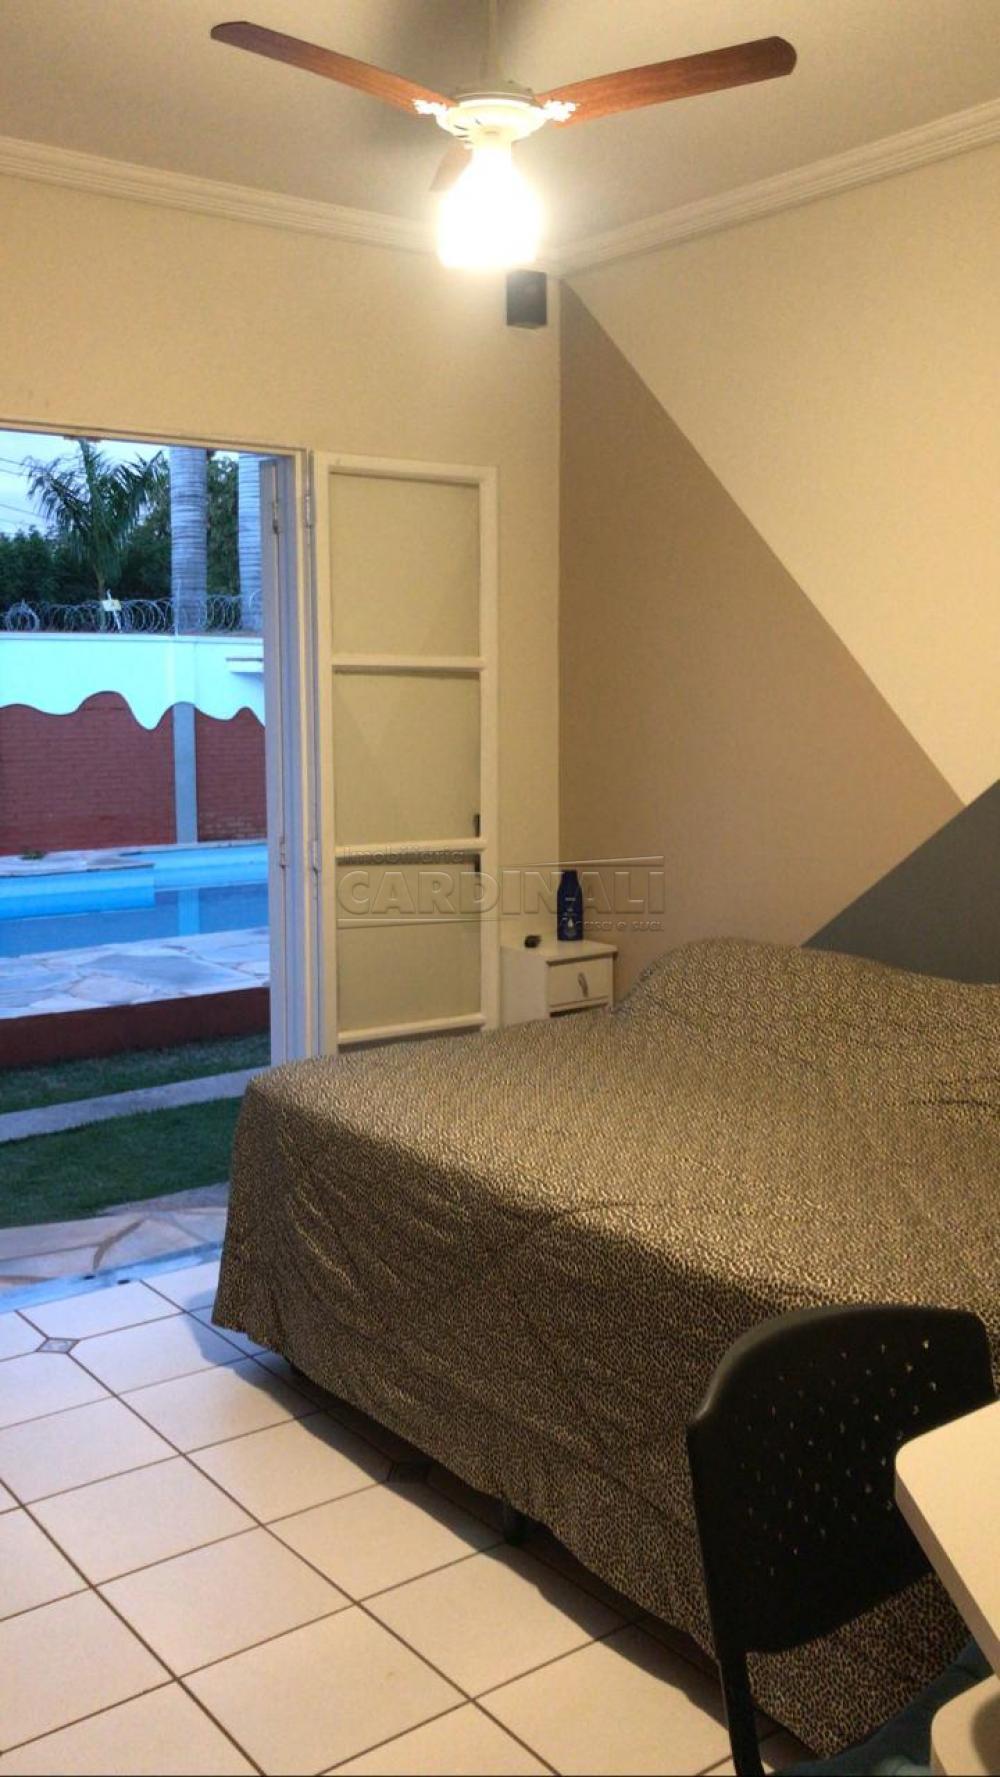 Comprar Casa / Padrão em Araraquara R$ 900.000,00 - Foto 9